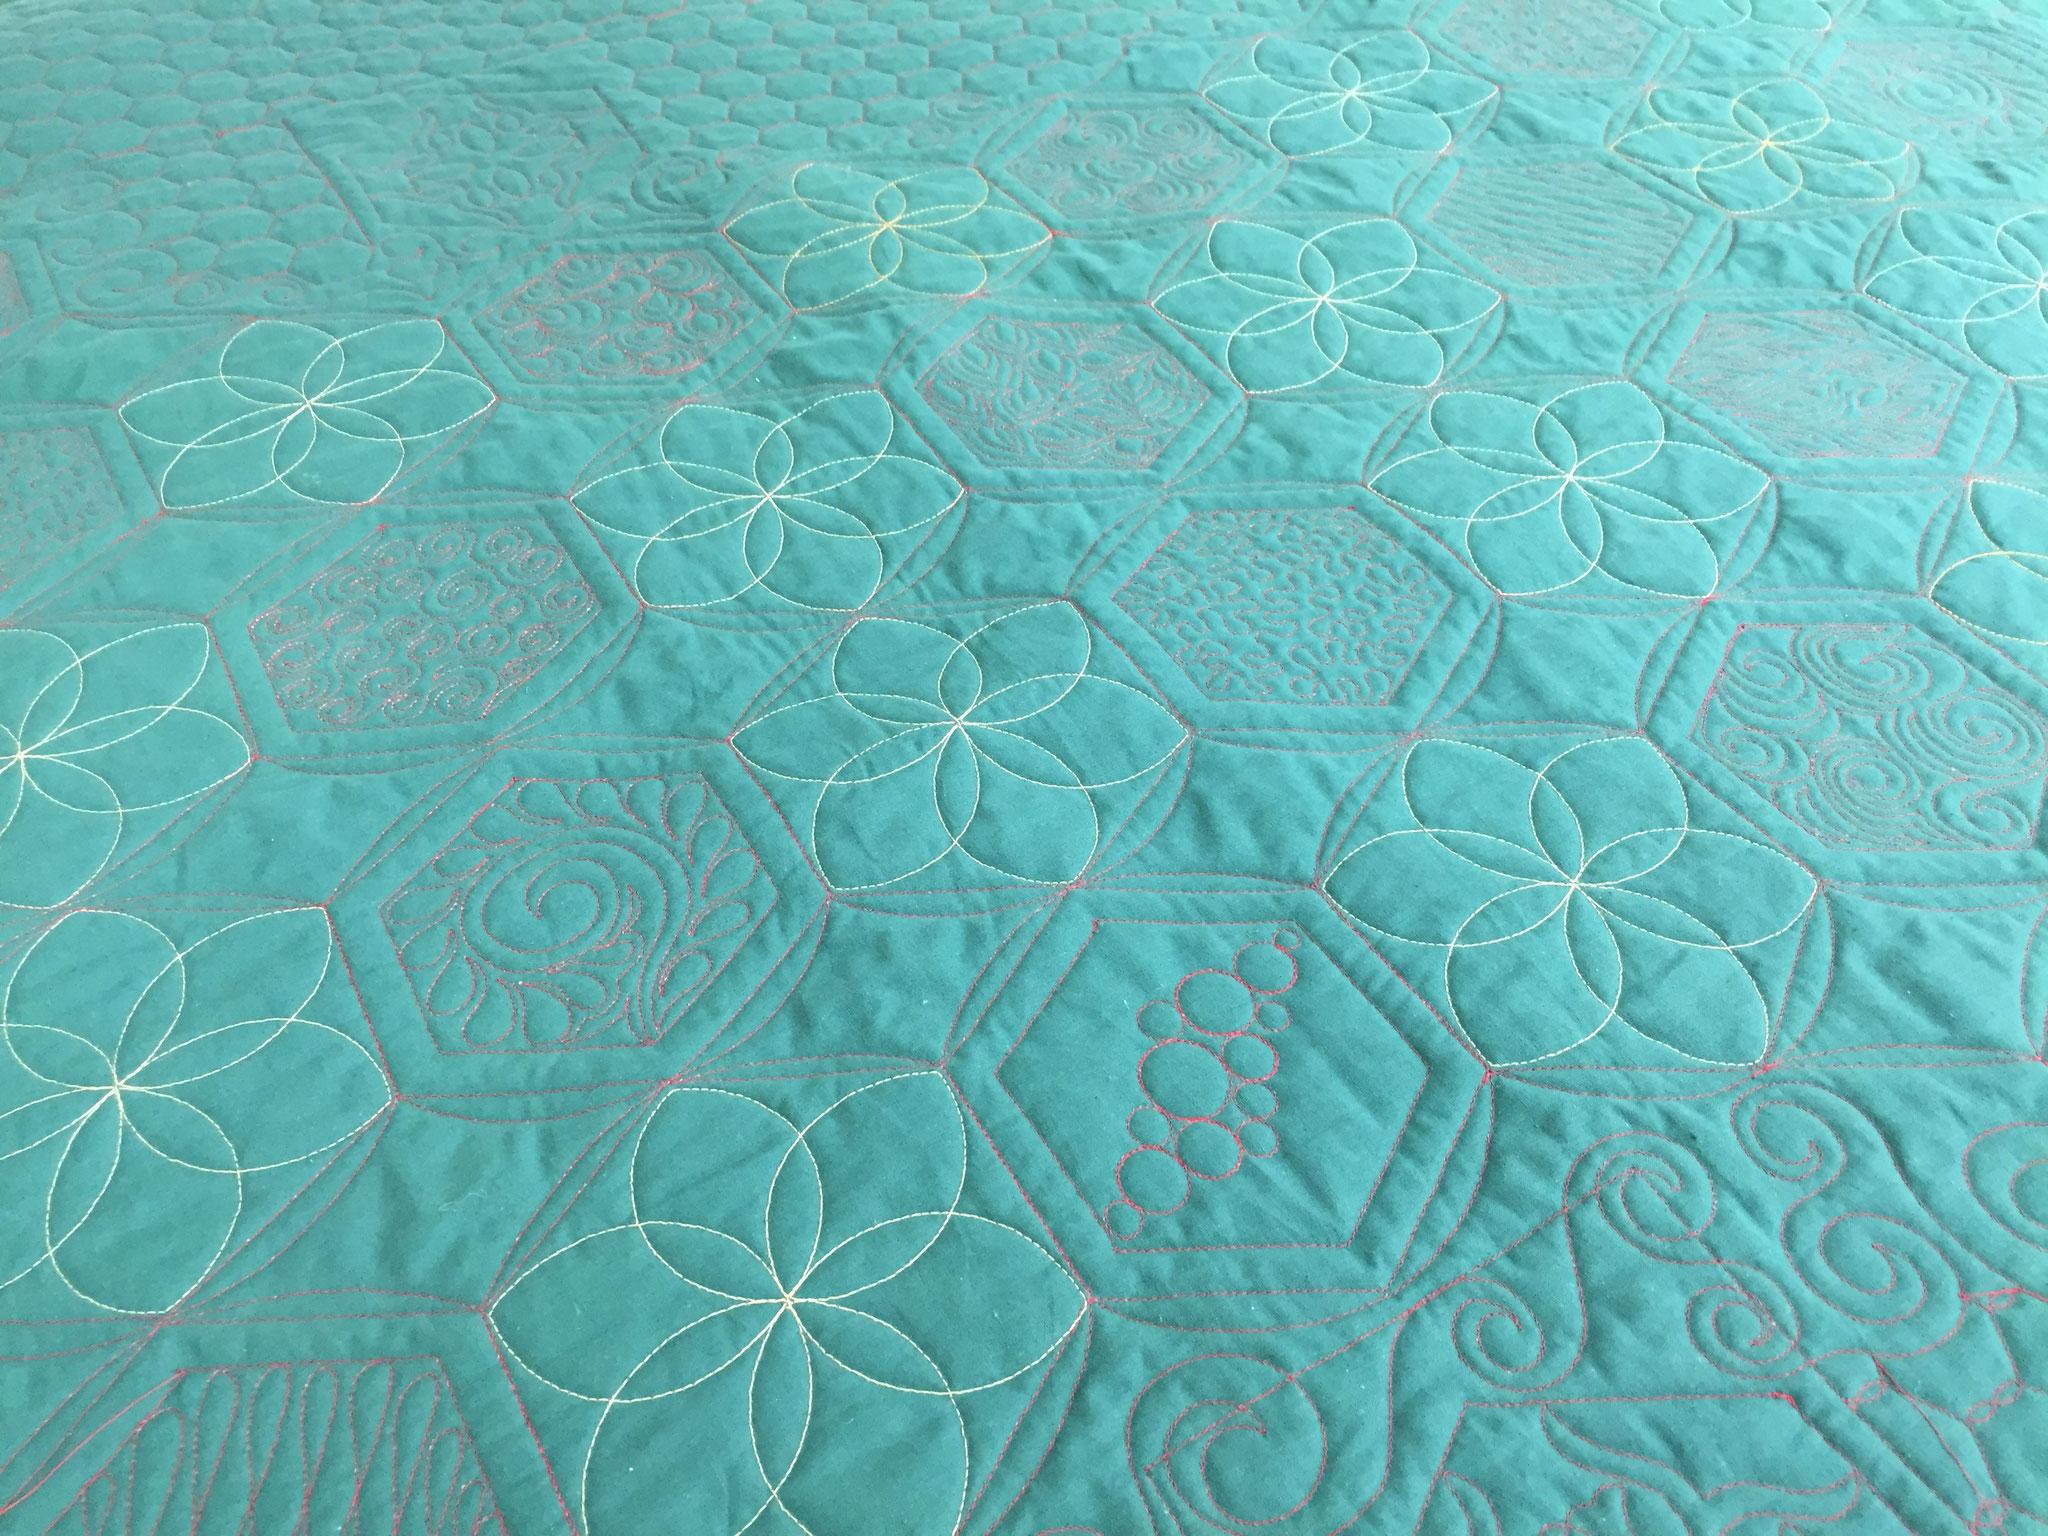 Le dos du quilt, en tissu uni, fait ressortir tout le travail de quilting.